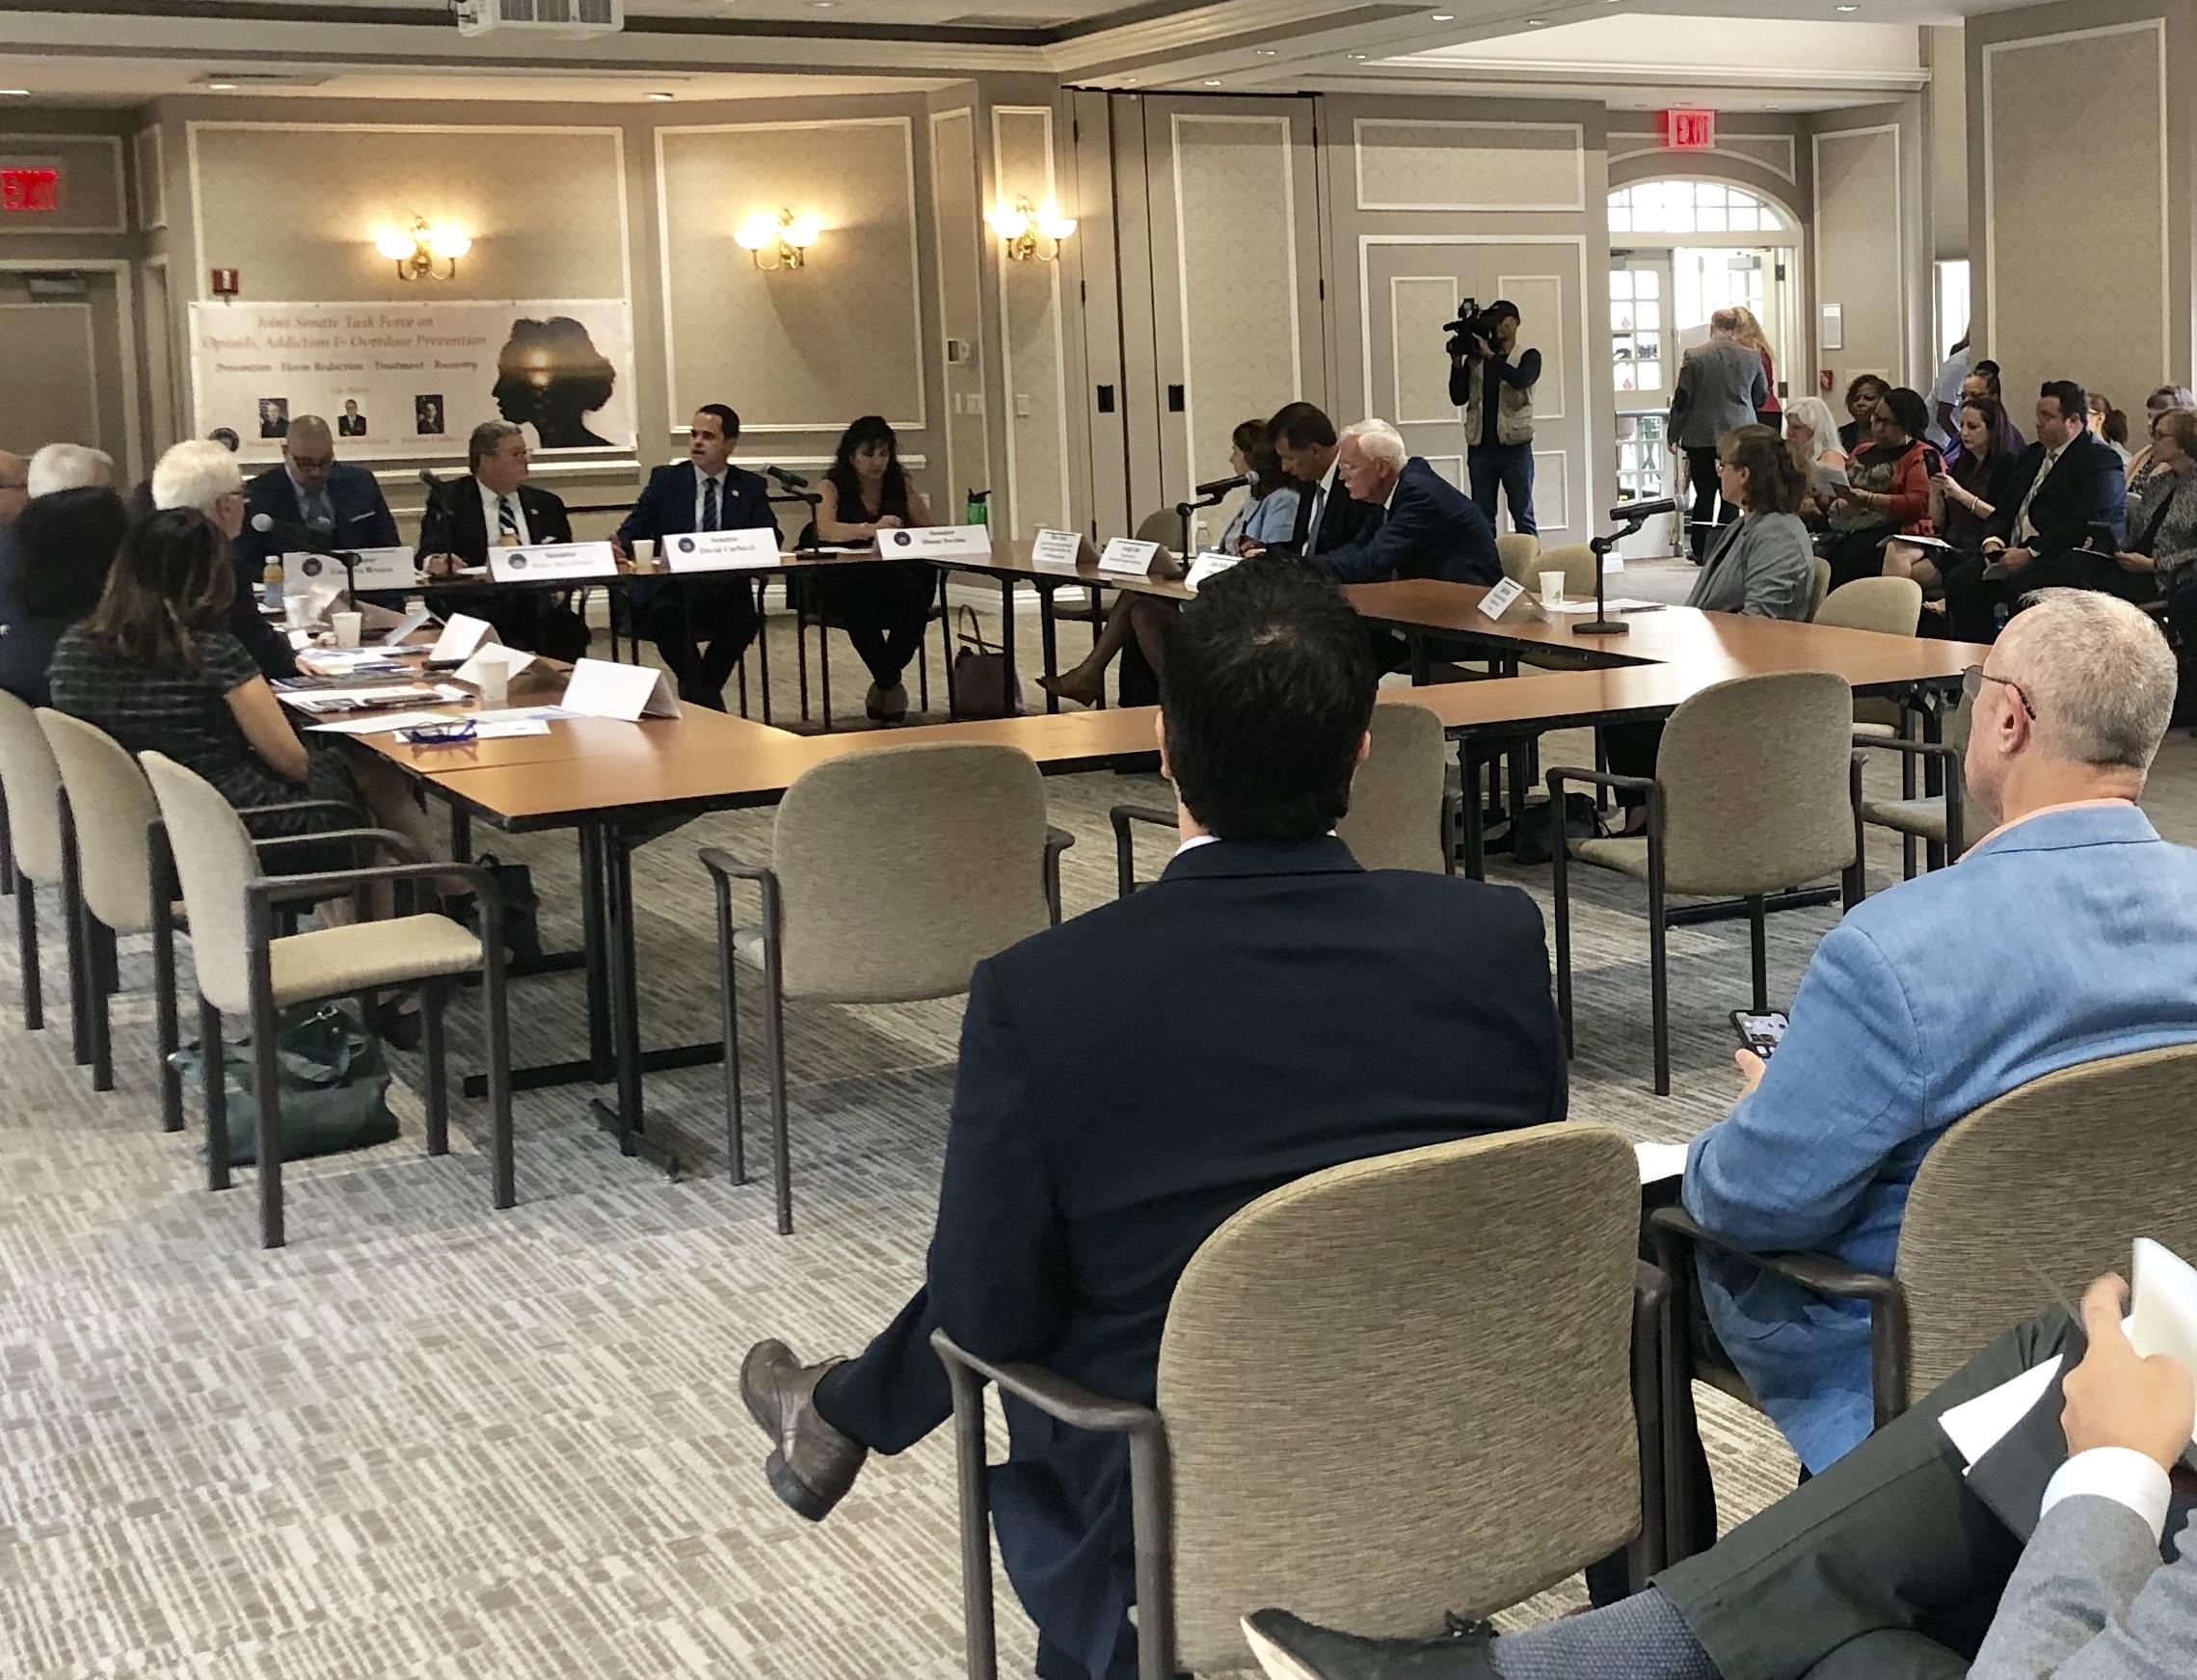 Opioid addiction on Staten Island: Task force seeking solutions